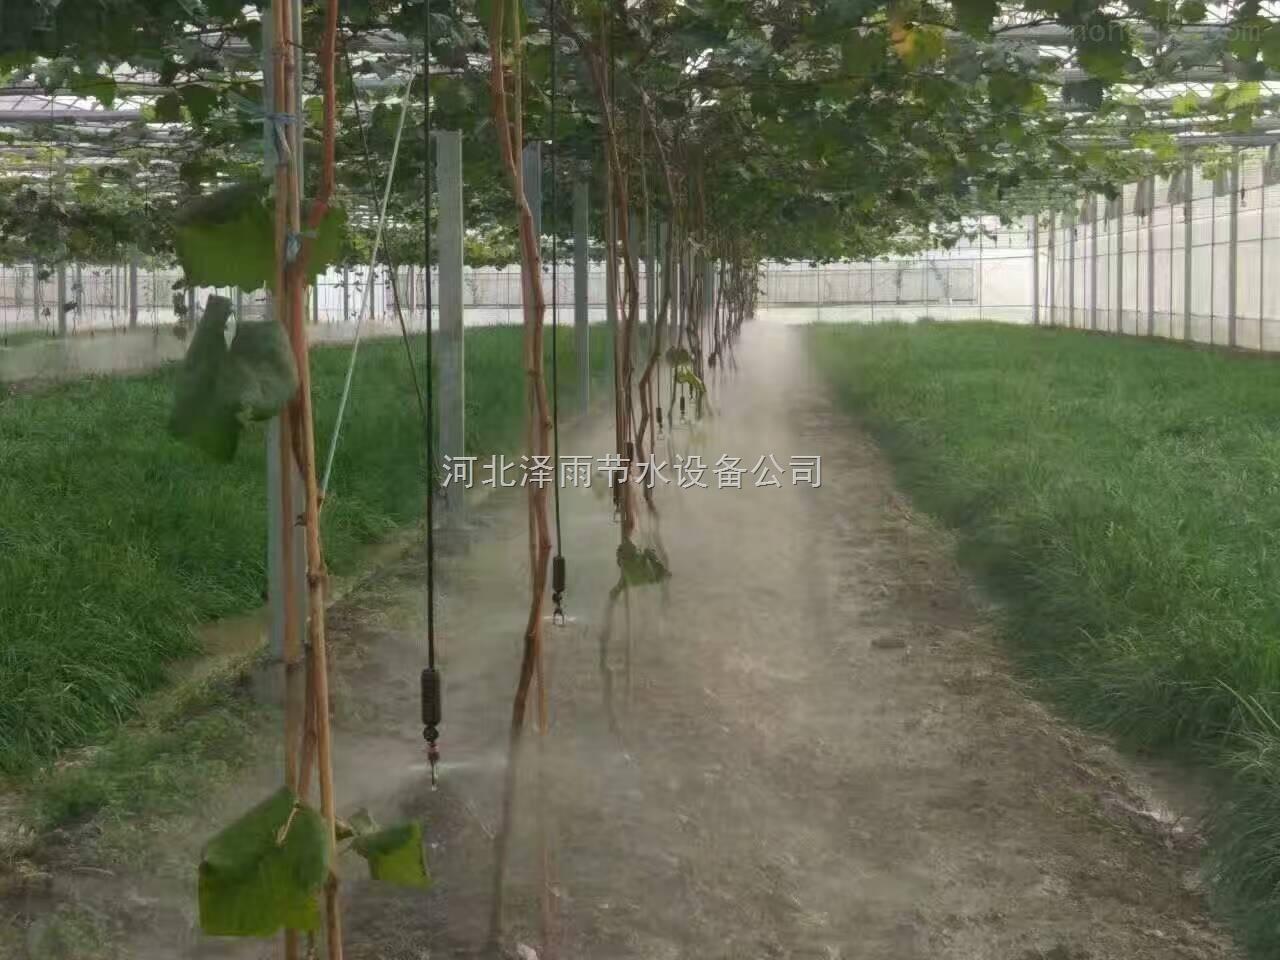 津市市进口大棚滴灌管农用滴灌带湖南省加厚果树滴灌管材厂家